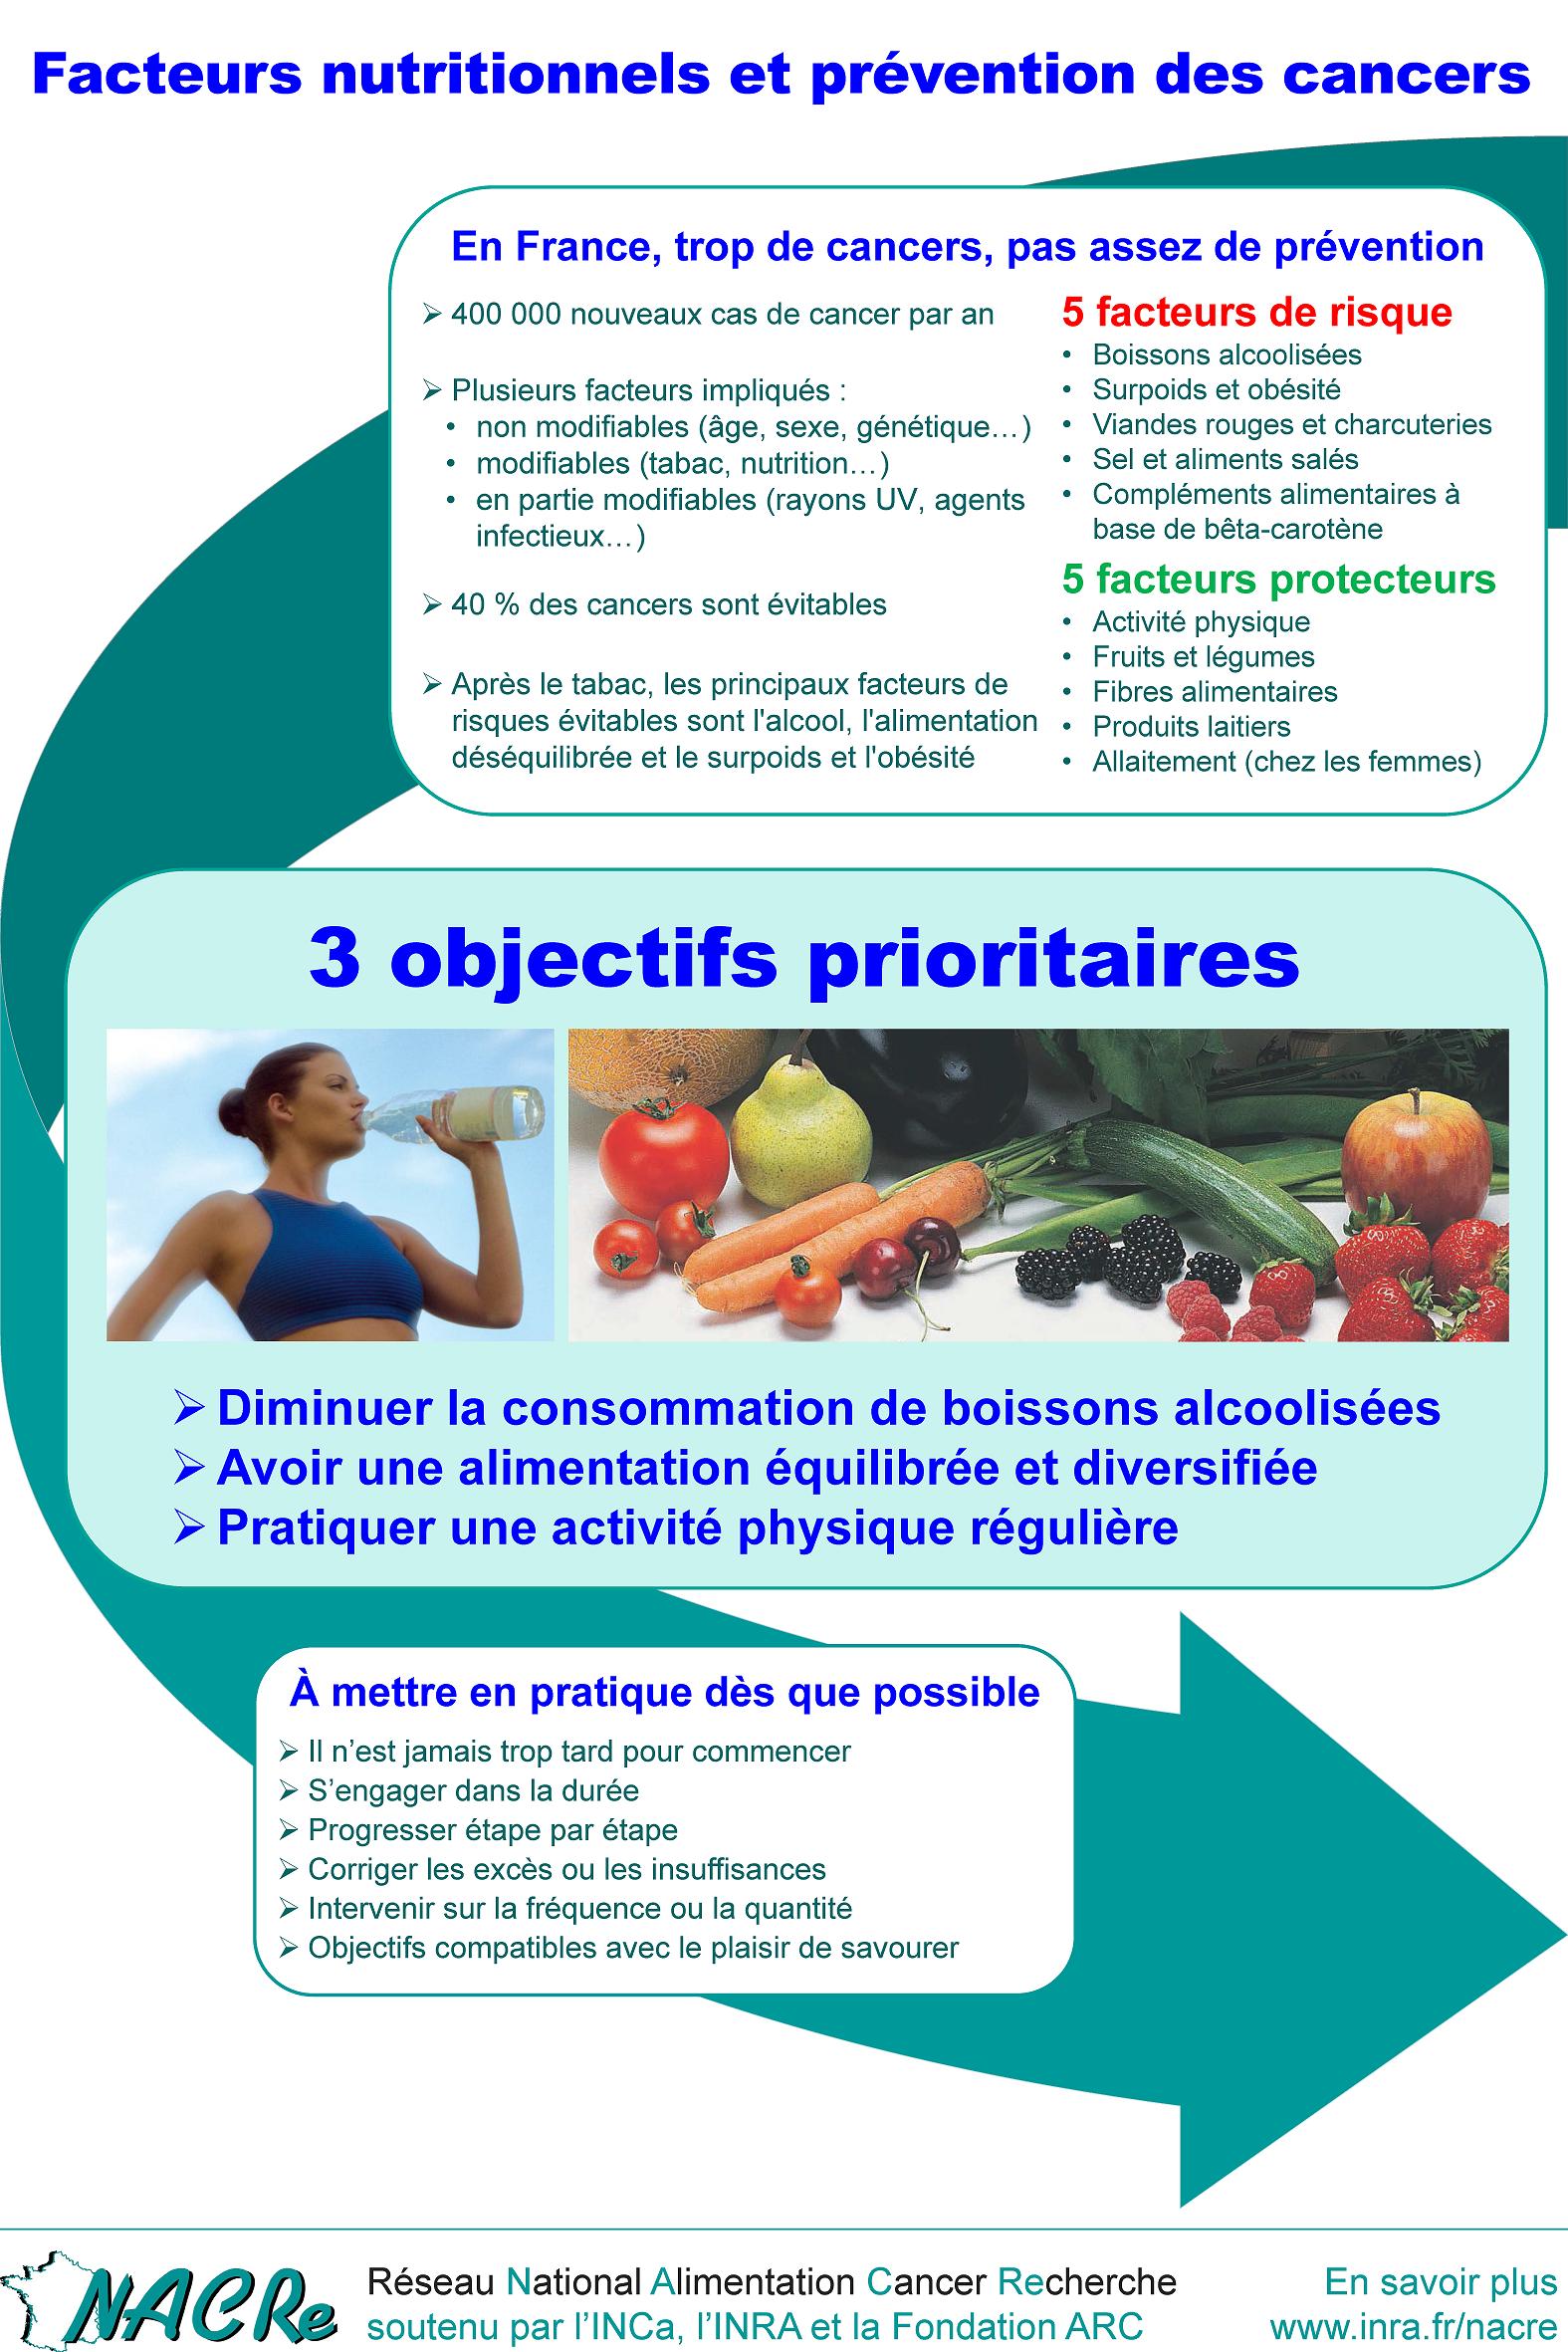 Affiche ''Facteurs nutritionnels et prévention des cancers''